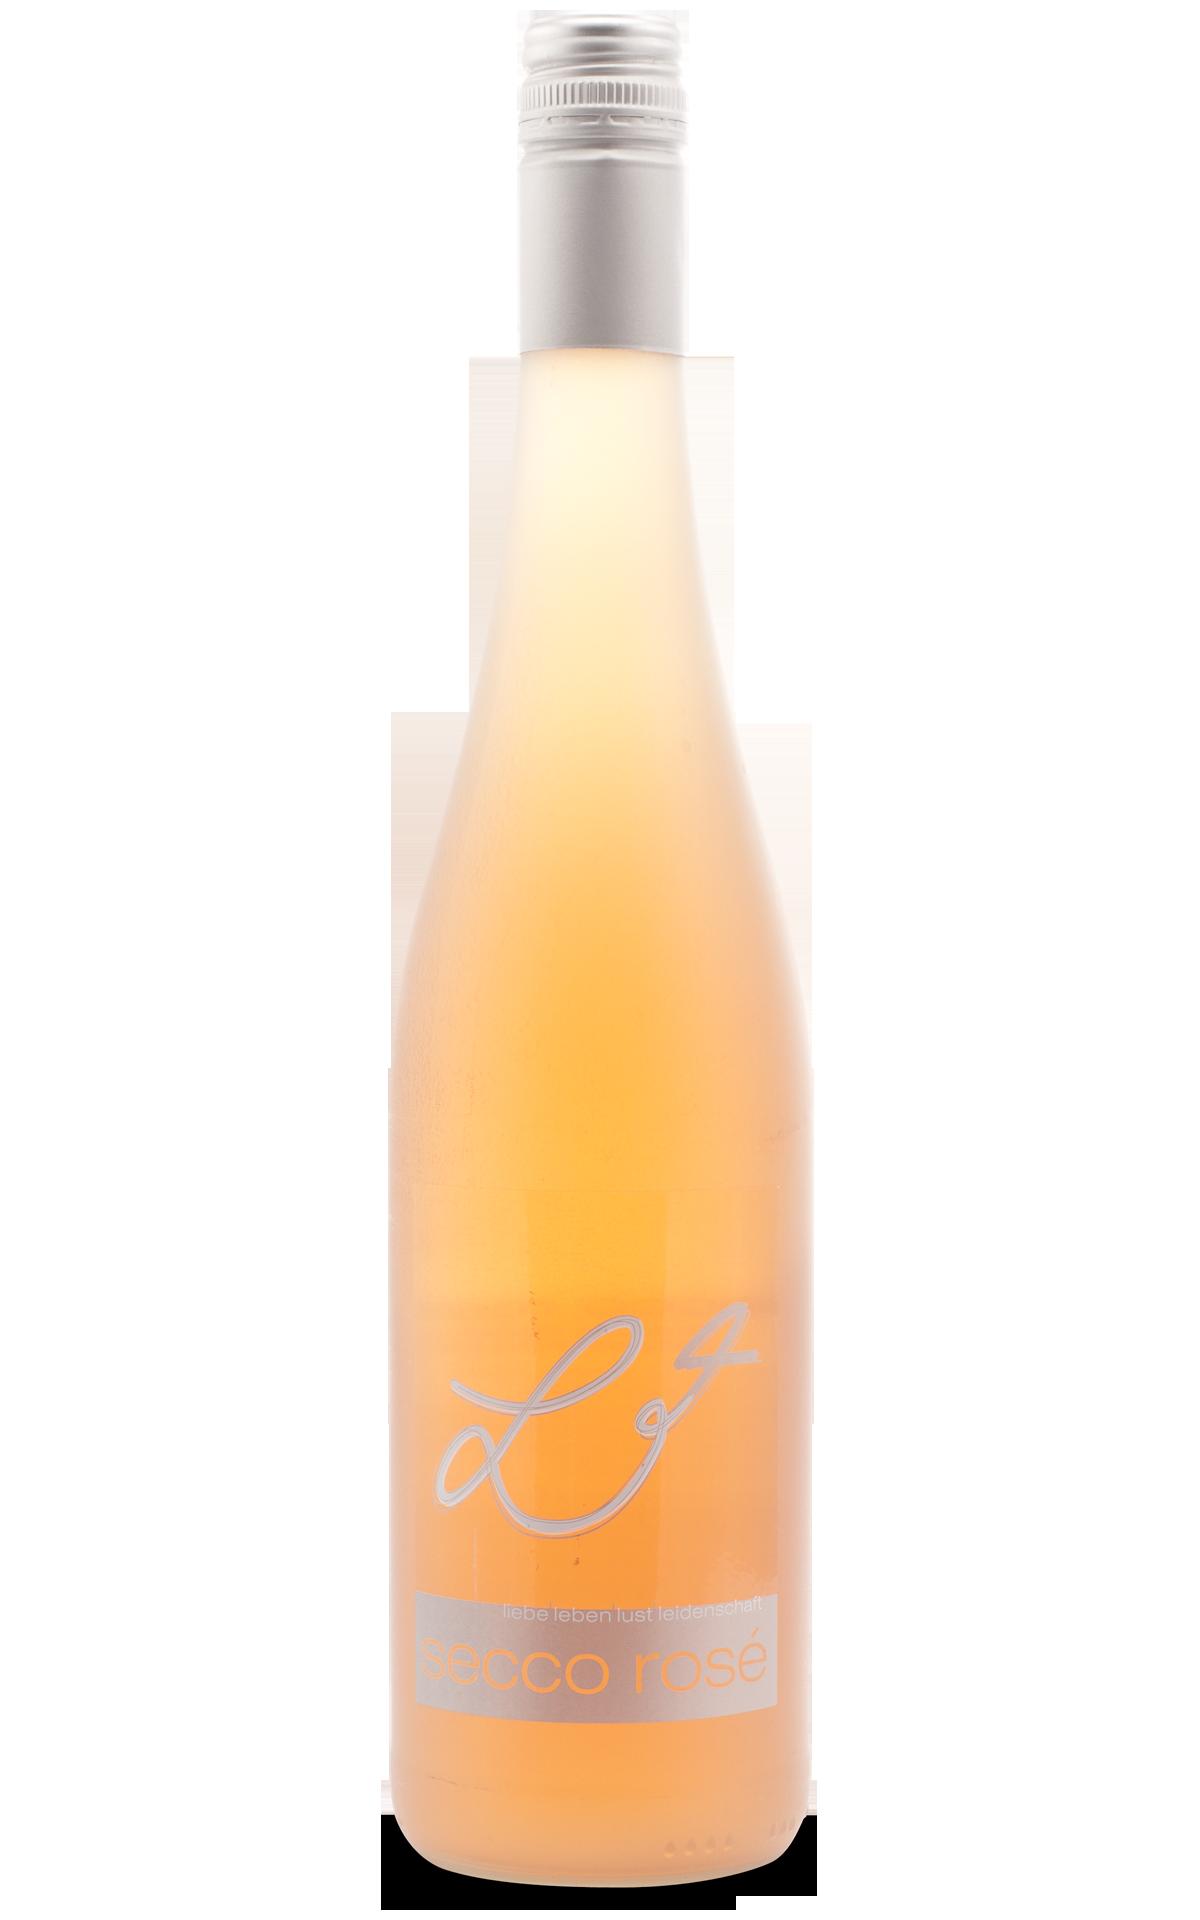 L4 - Secco Rosè